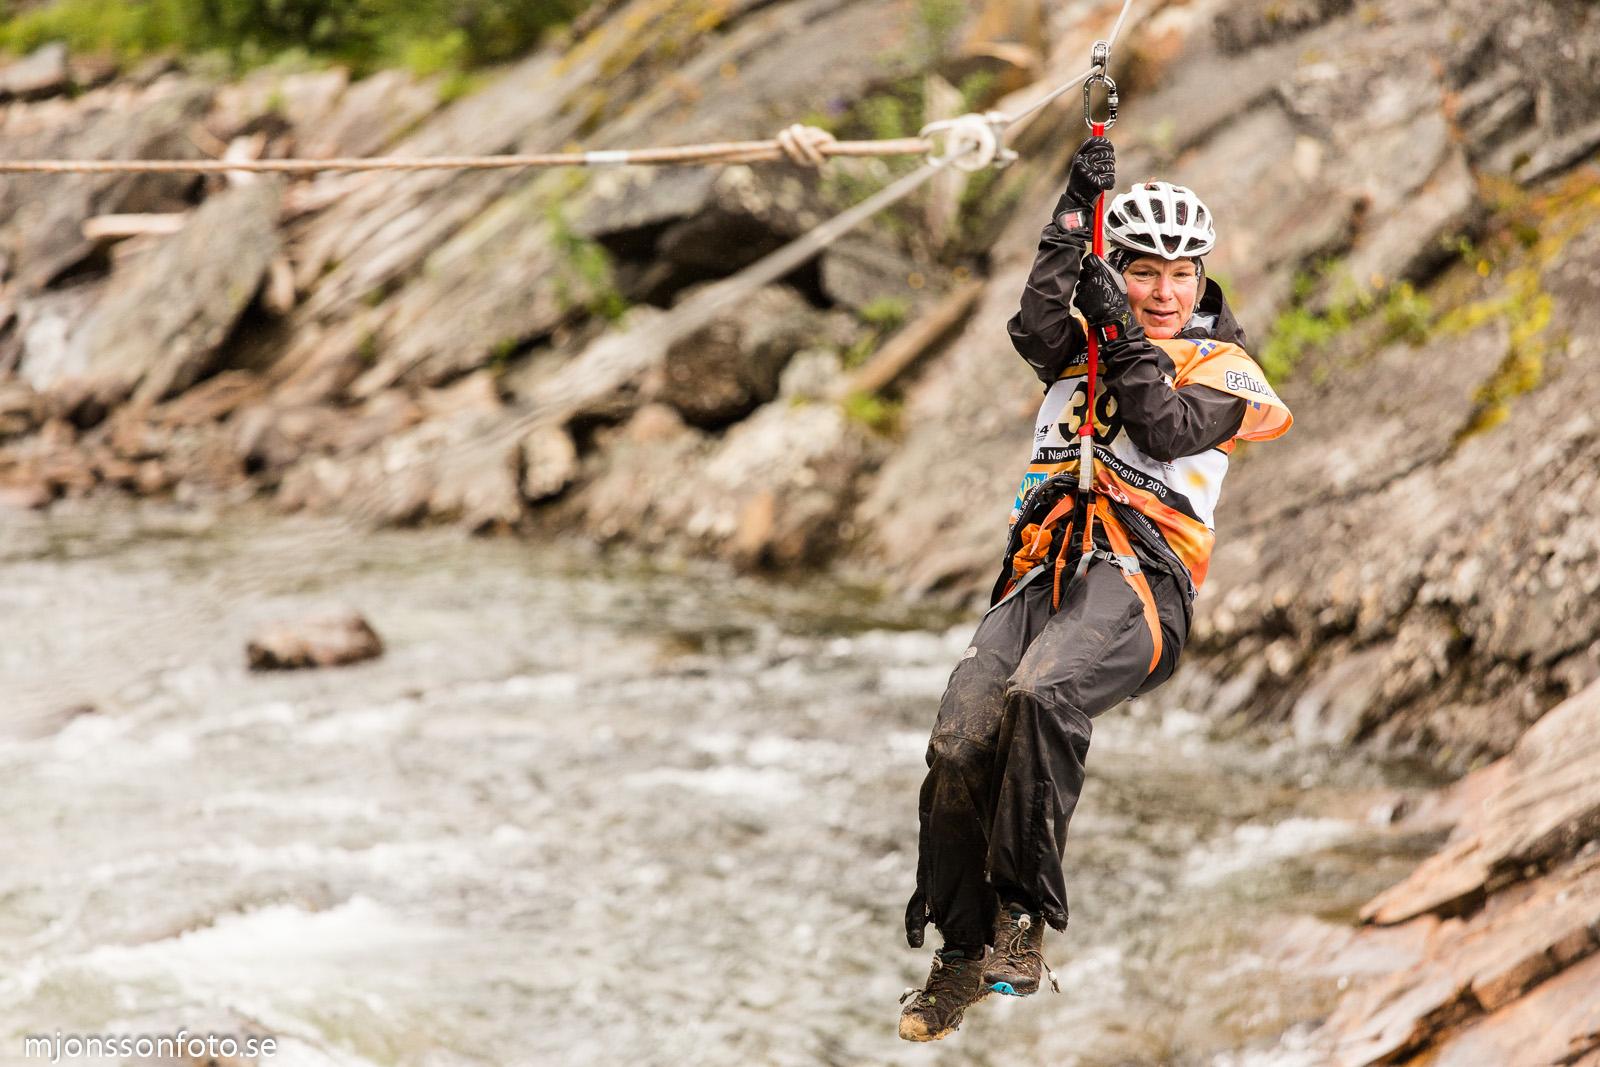 24h-adventure-2013-rope-00015